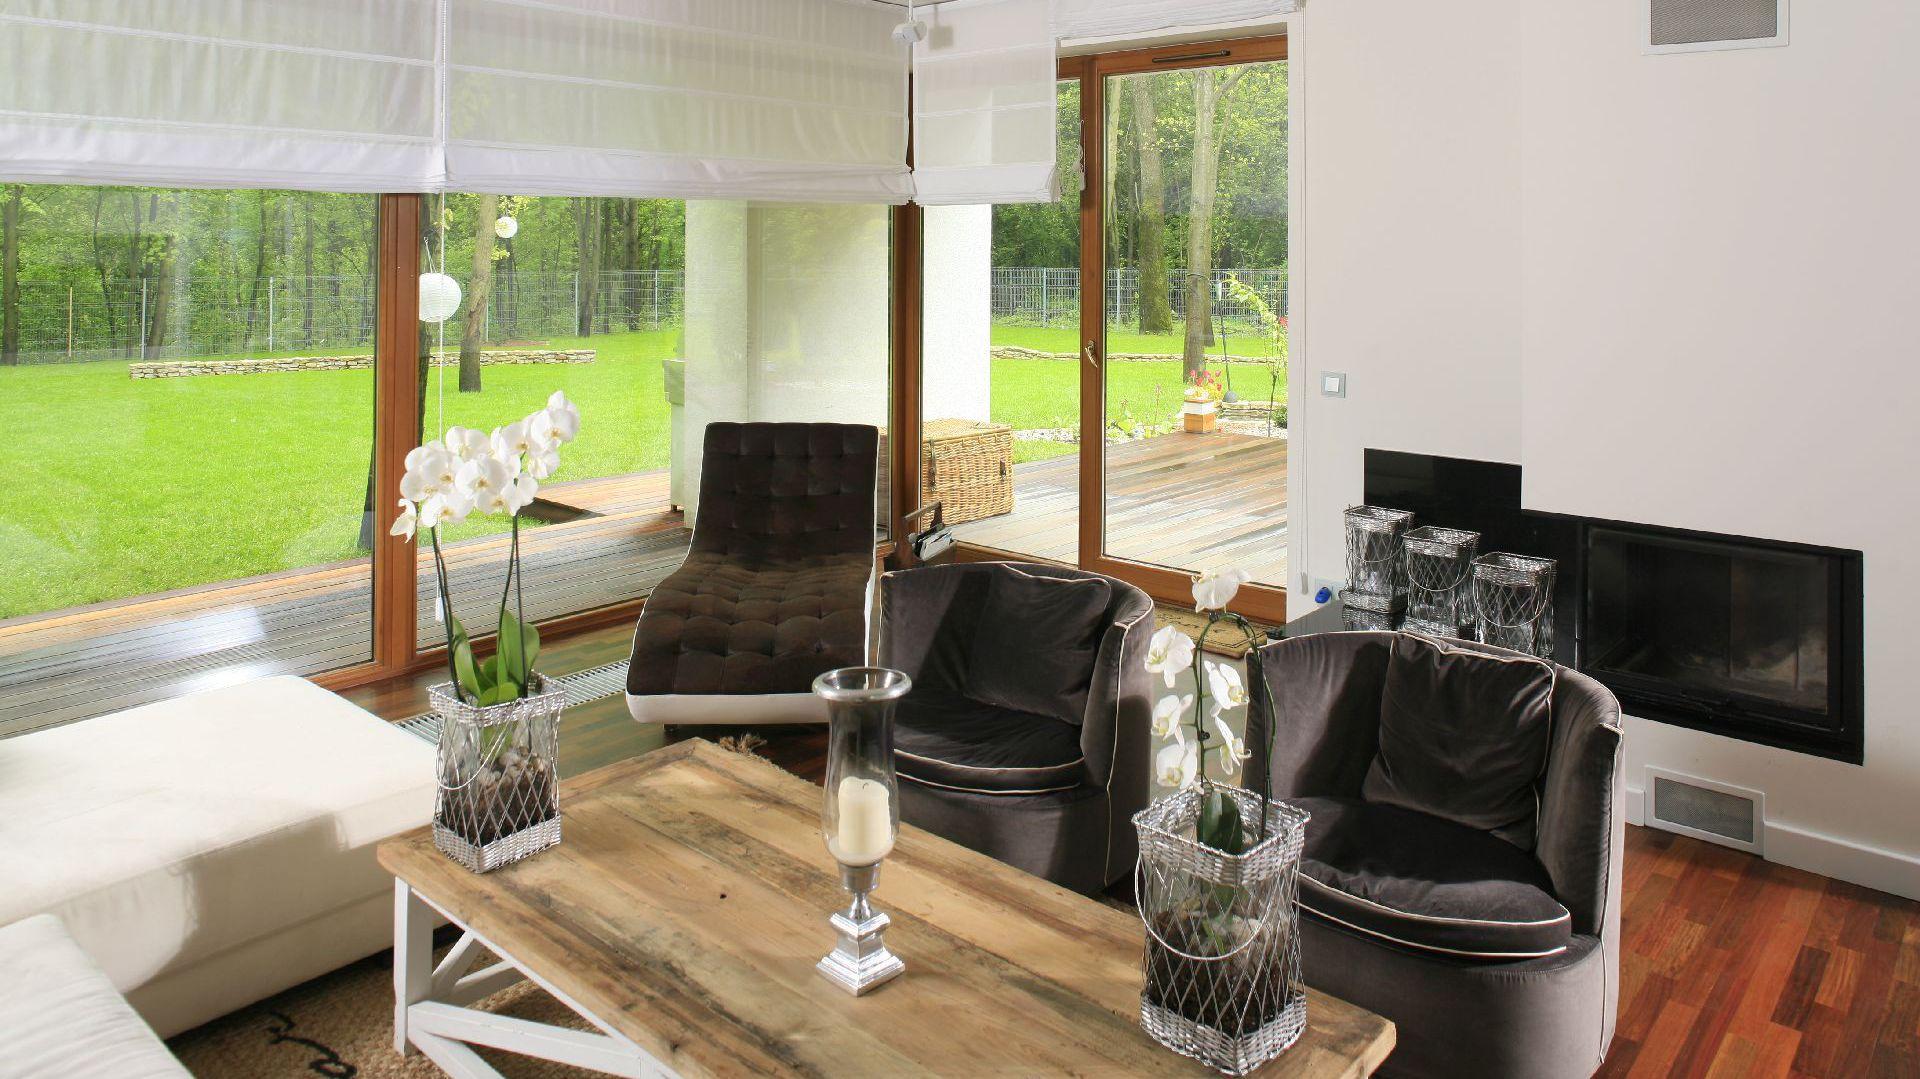 Za sprawą ogromnych okien salon przenika do ogrodu i na odwrót. Wystarczy położyć się na szezlongu i odpoczywać, odpoczywać... Fot. Bartosz Jarosz.